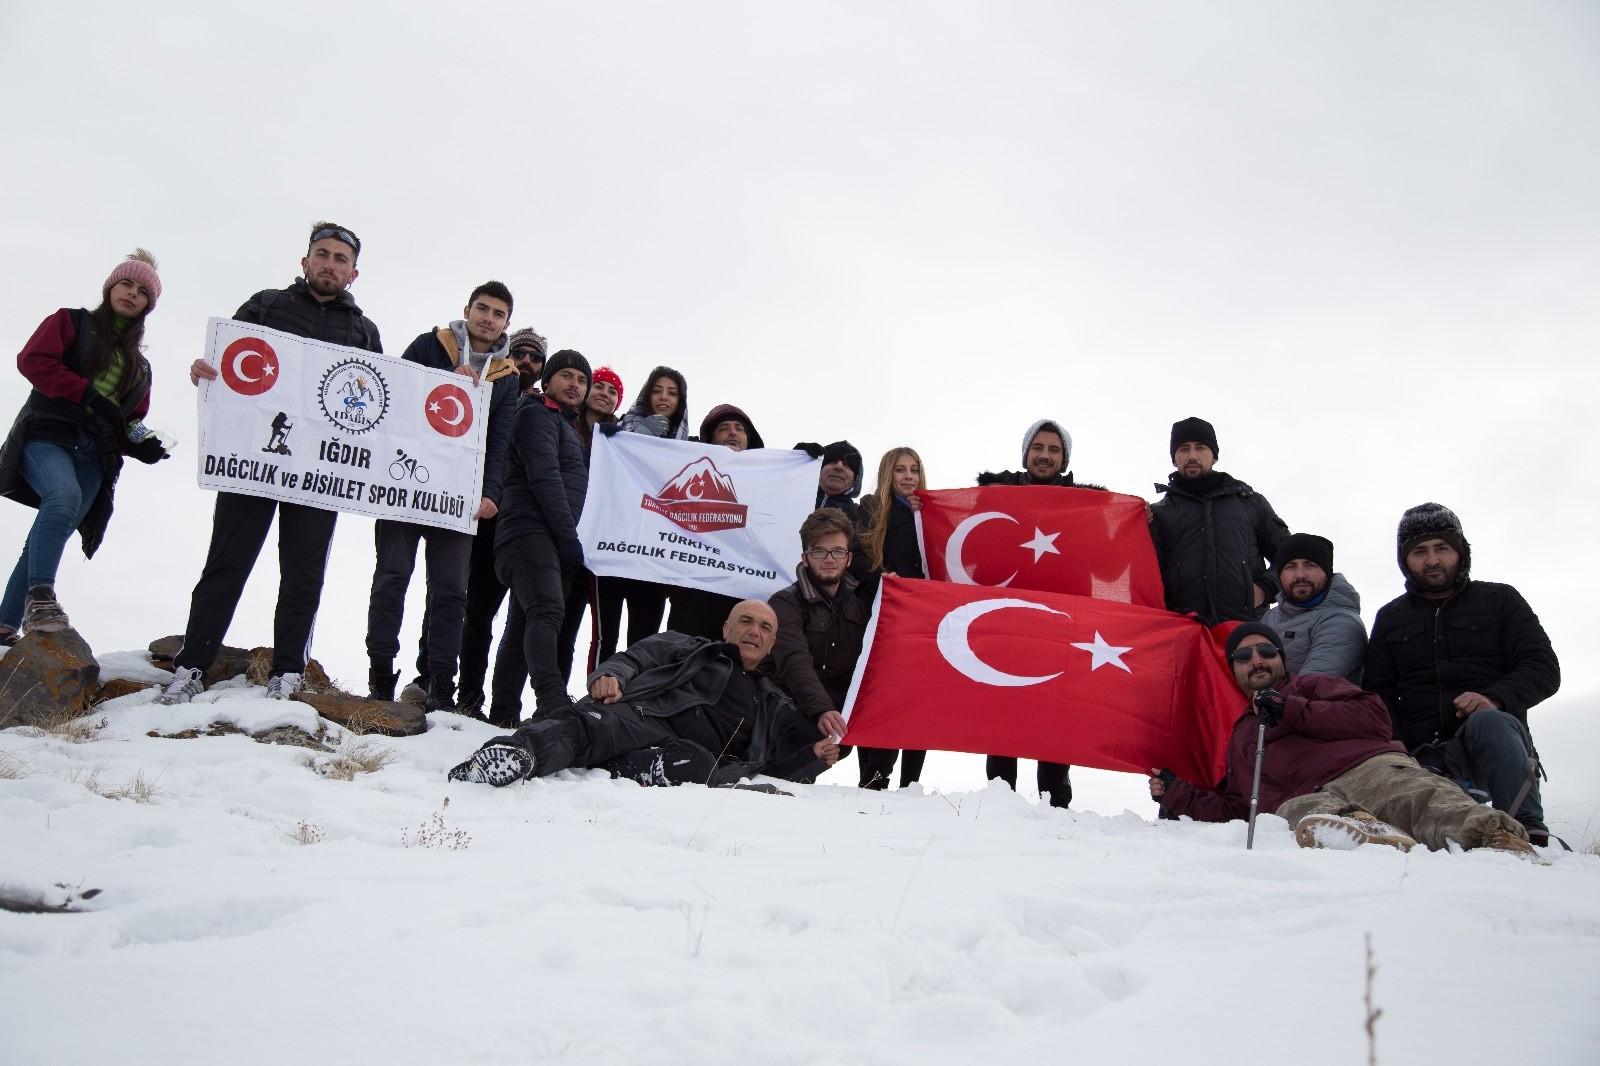 Iğdırlı dağcılar 14 Kasım Iğdır'ın Kurtuluşu'nu kutladı.